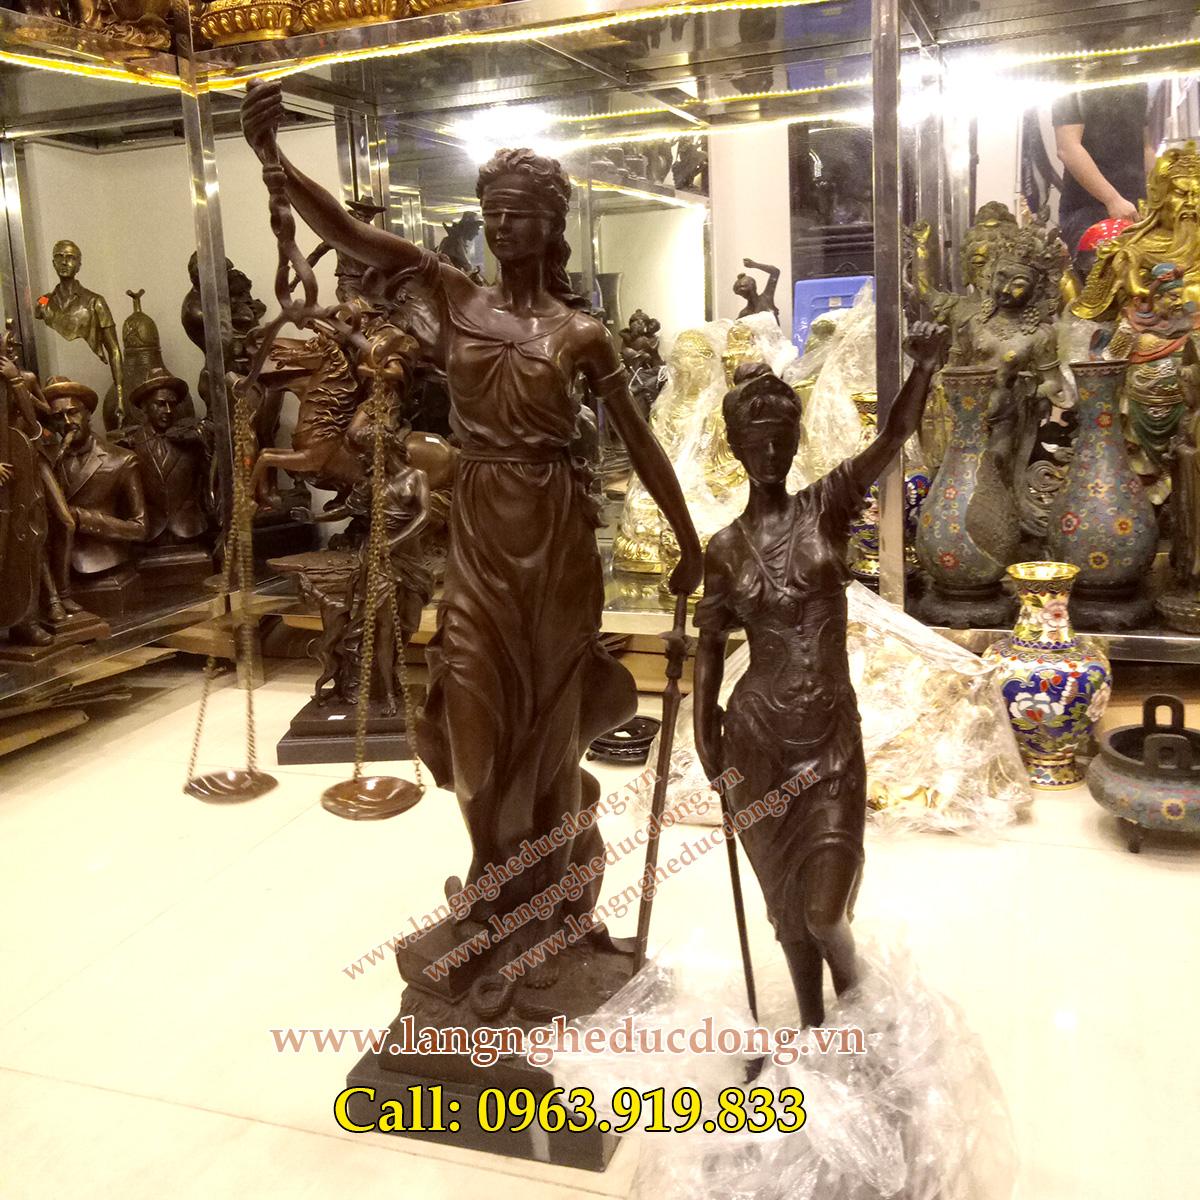 langngheducdong.vn - tượng đồng, tượng trang trí, tượng nữ thần công lý